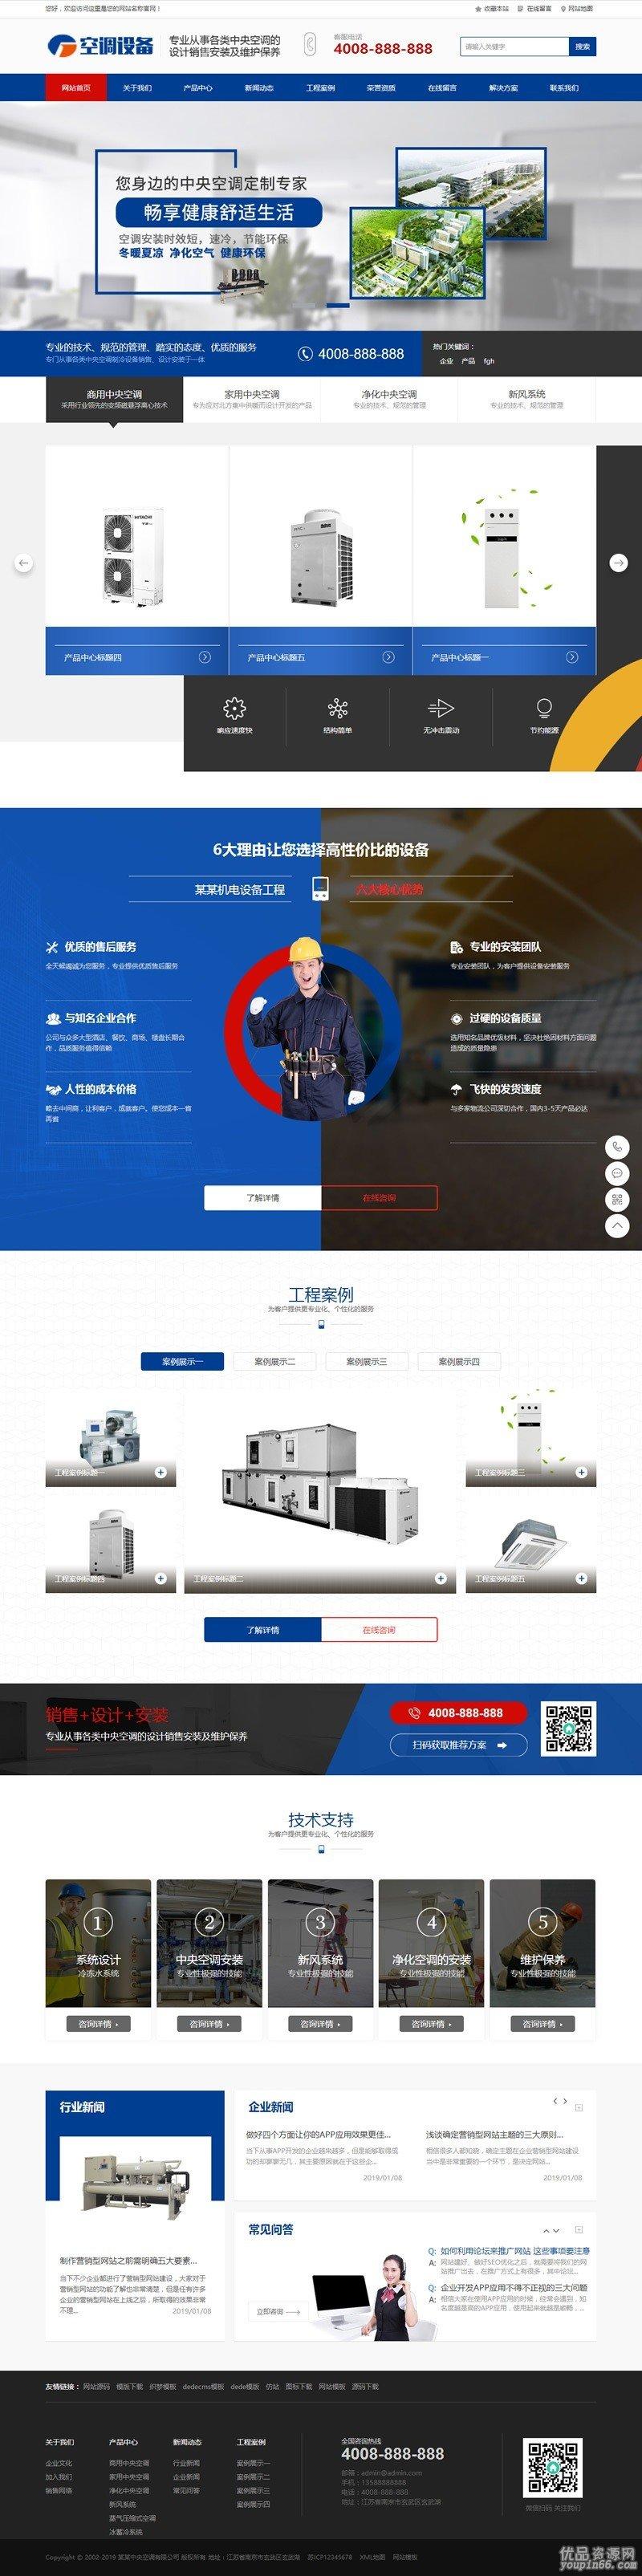 蓝色营销型中央空调制冷设备系统类织梦模板源码